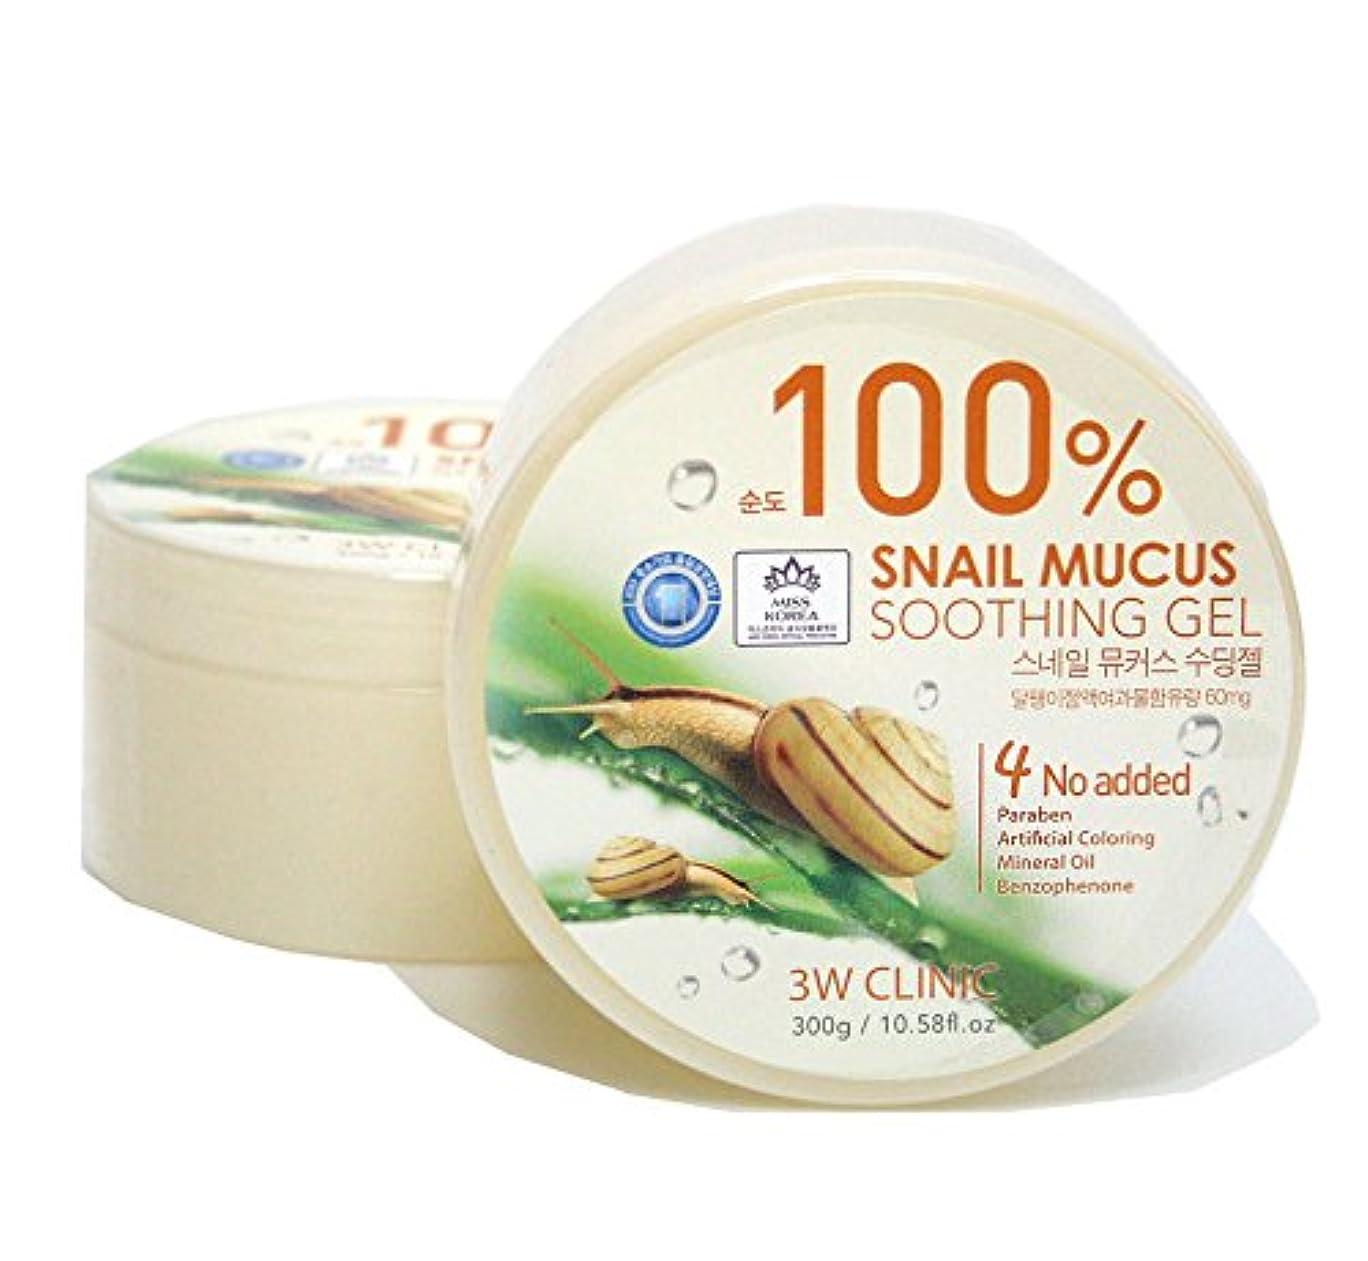 余暇ディレクターペルセウス[3W CLINIC] カタツムリ粘液スージングジェル300g / Snail Mucus Soothing Gel 300g / 水分/オールスキンタイプ / Moisture / fresh and smooth /...